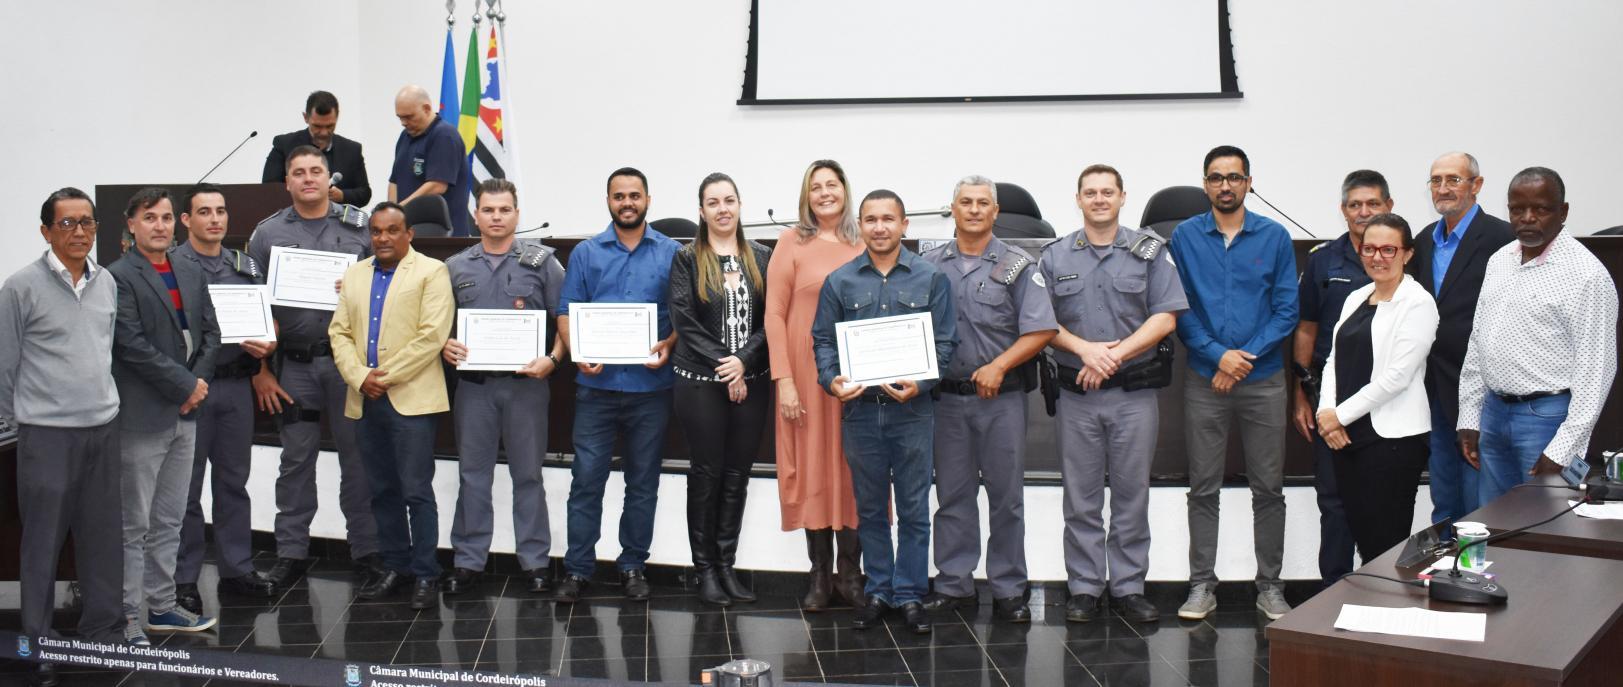 Vereadores aprovam Moção de congratulações à policiais de Cordeirópolis